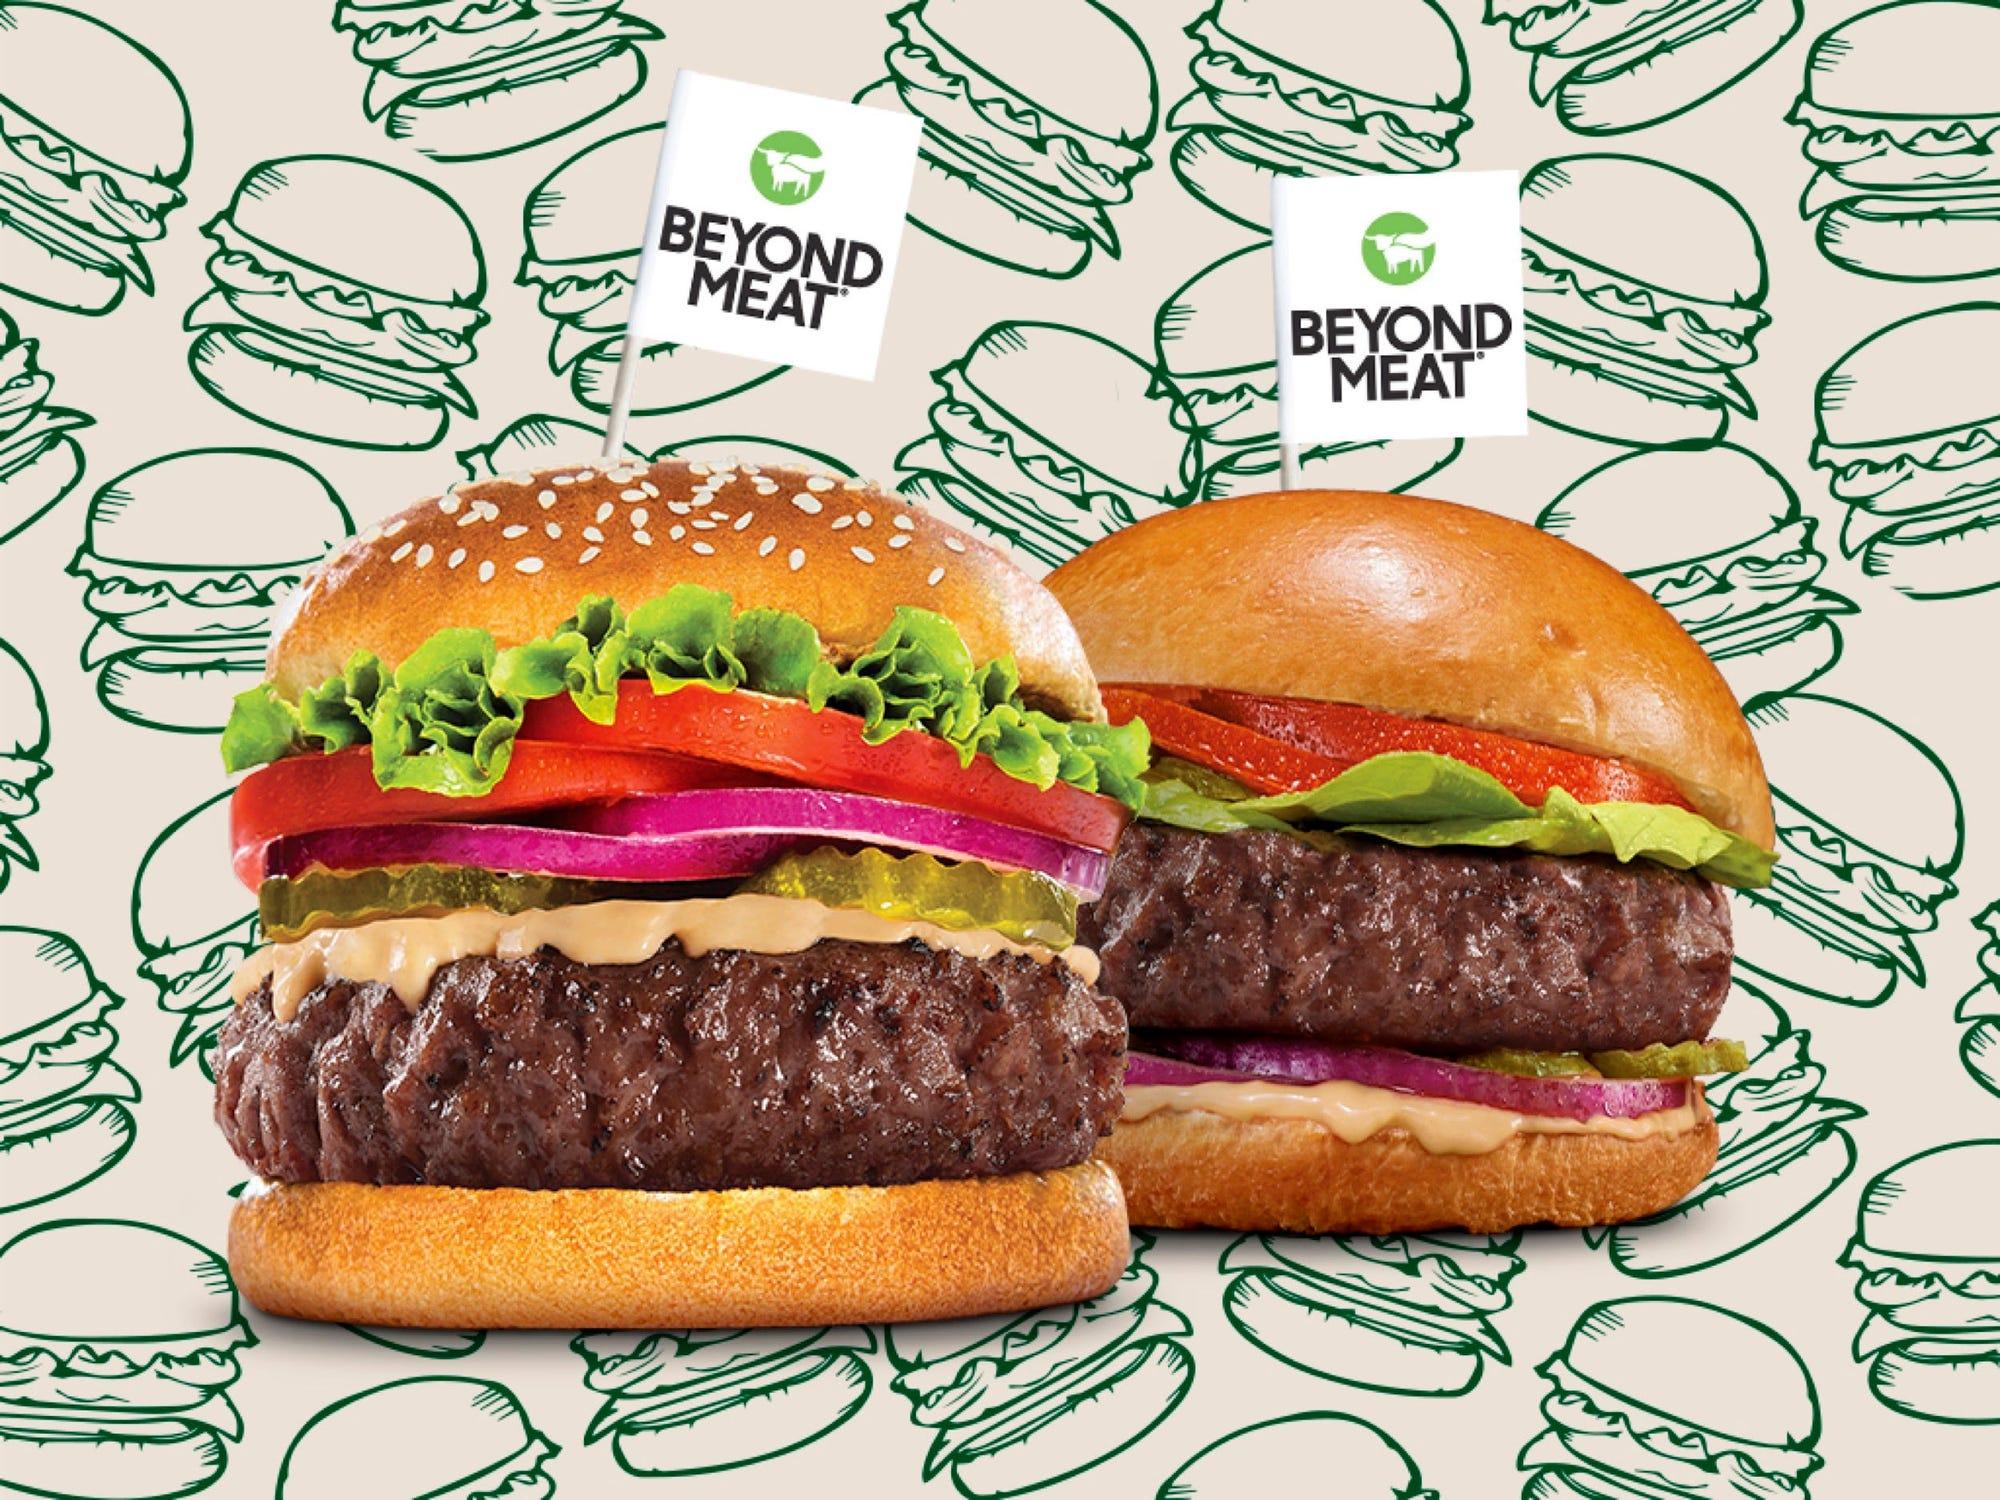 Beyond Burger 2021